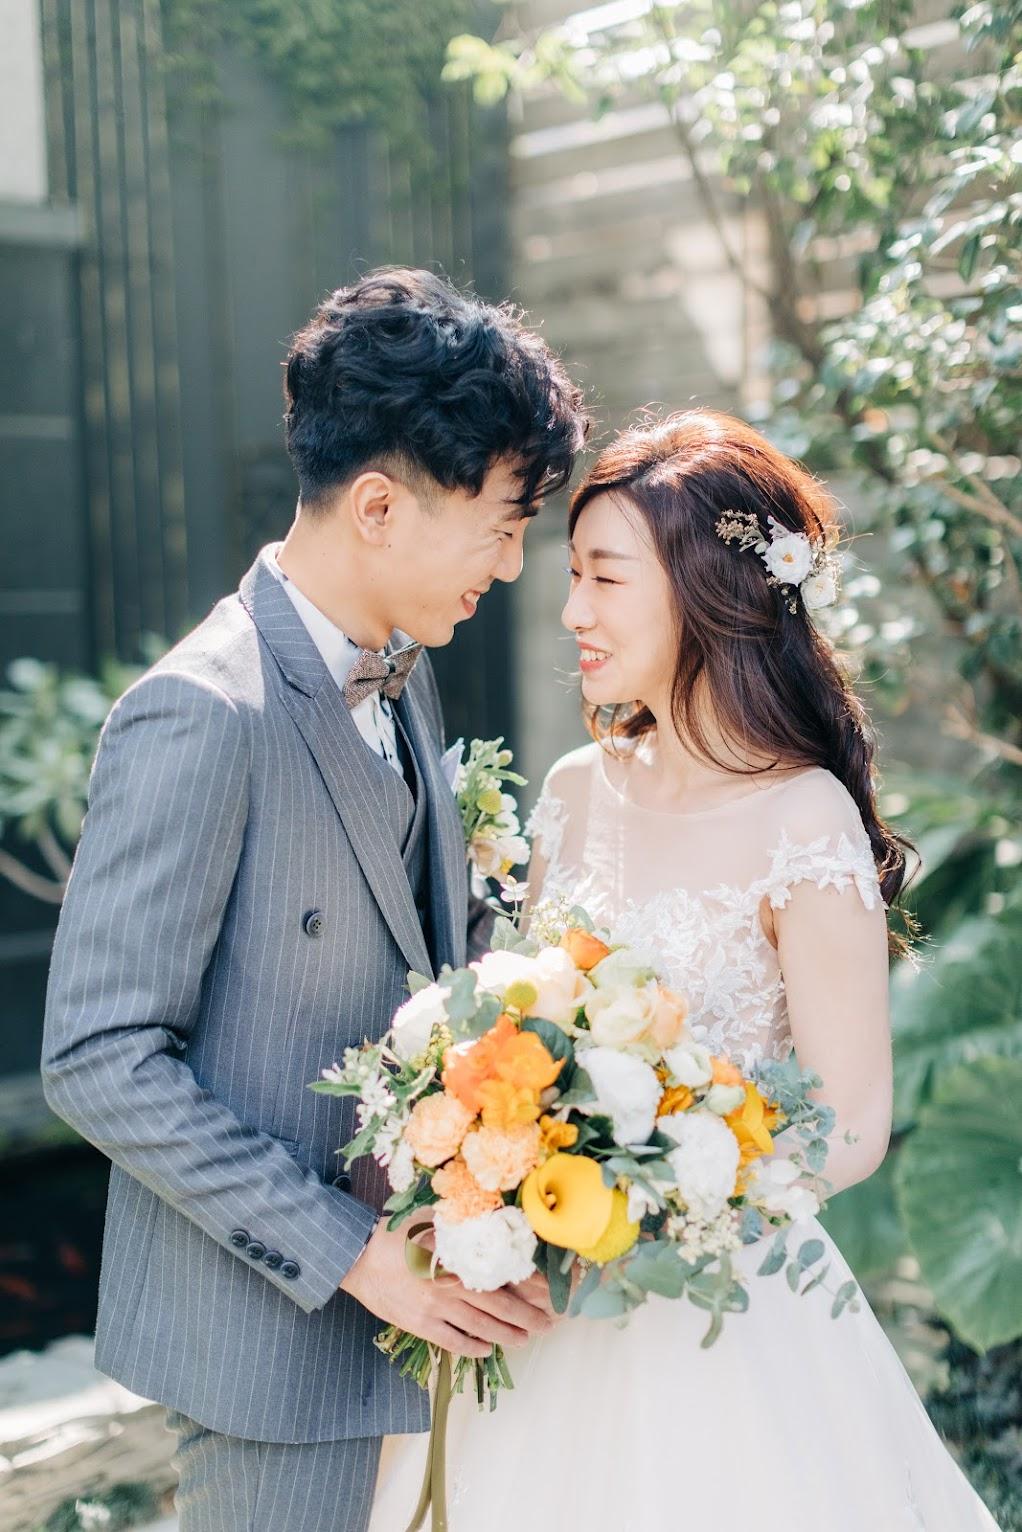 中山招待所 婚禮 / STACY + BARRY WEDDING / 美式婚攝 -小型婚禮派對